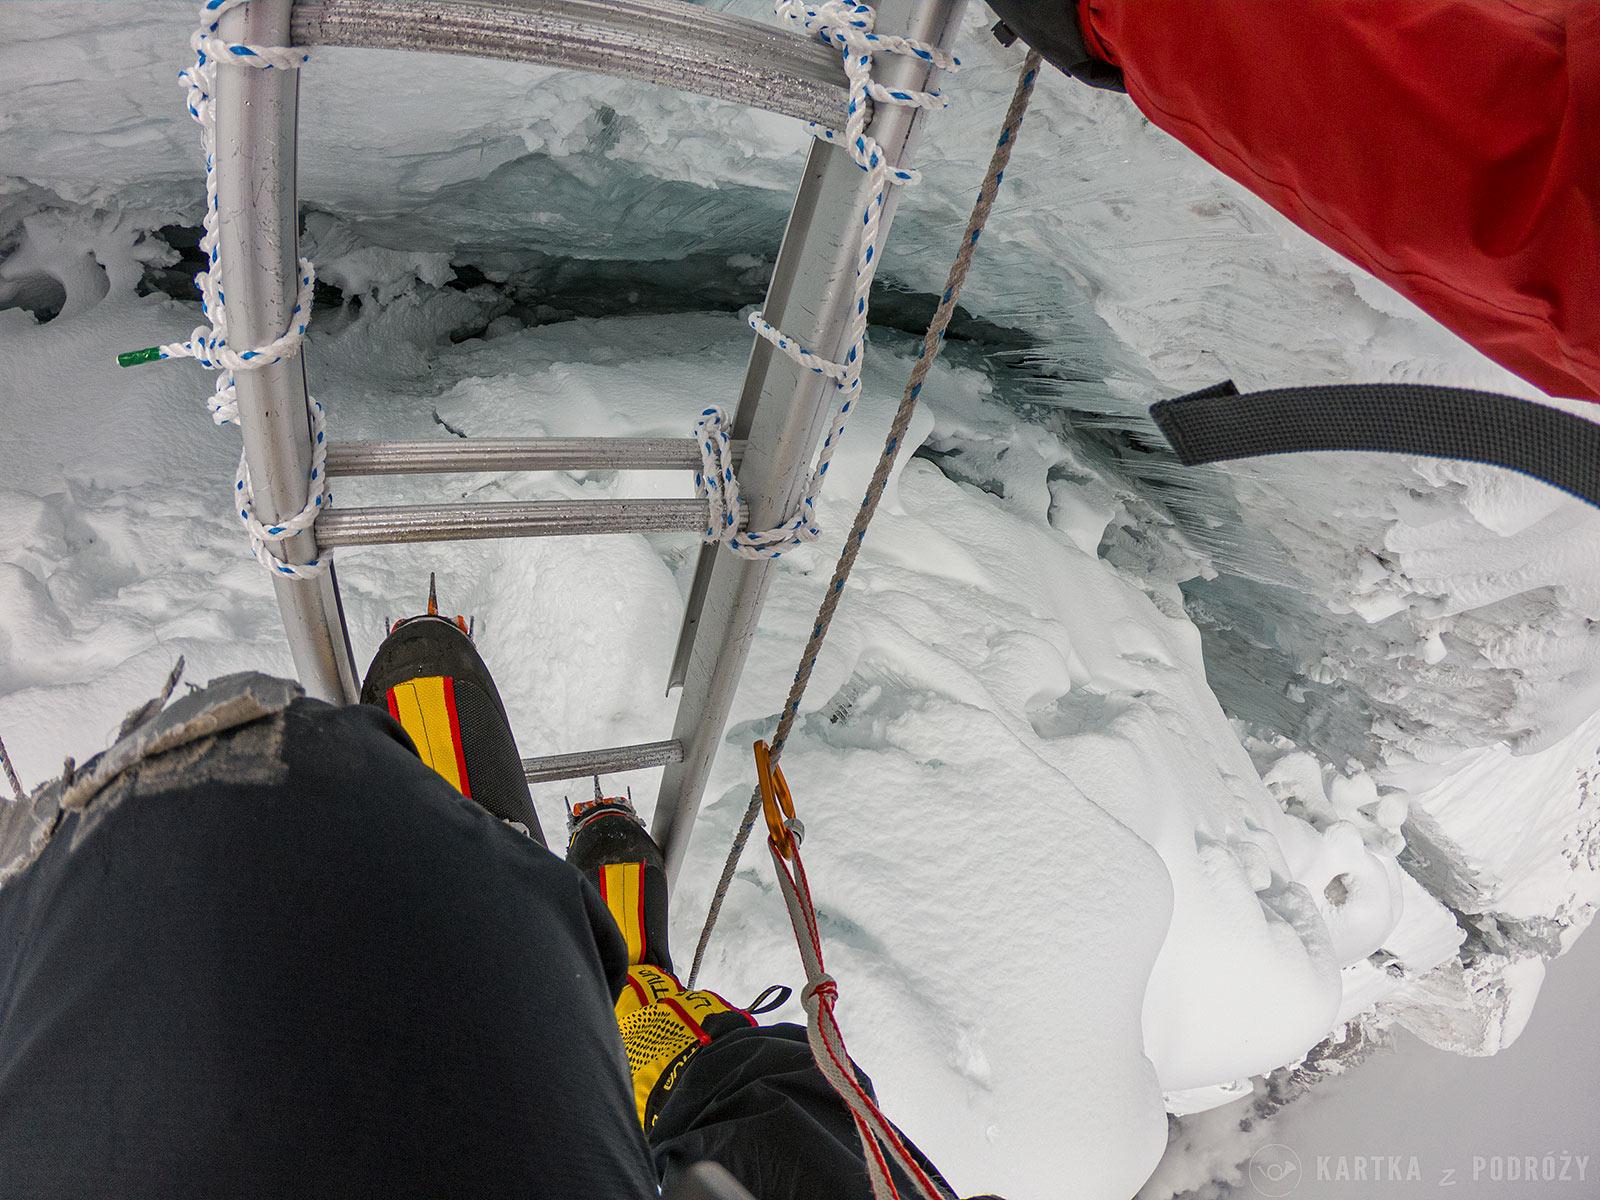 Wyprawa na Manaslu: szczelina lodowcowa.